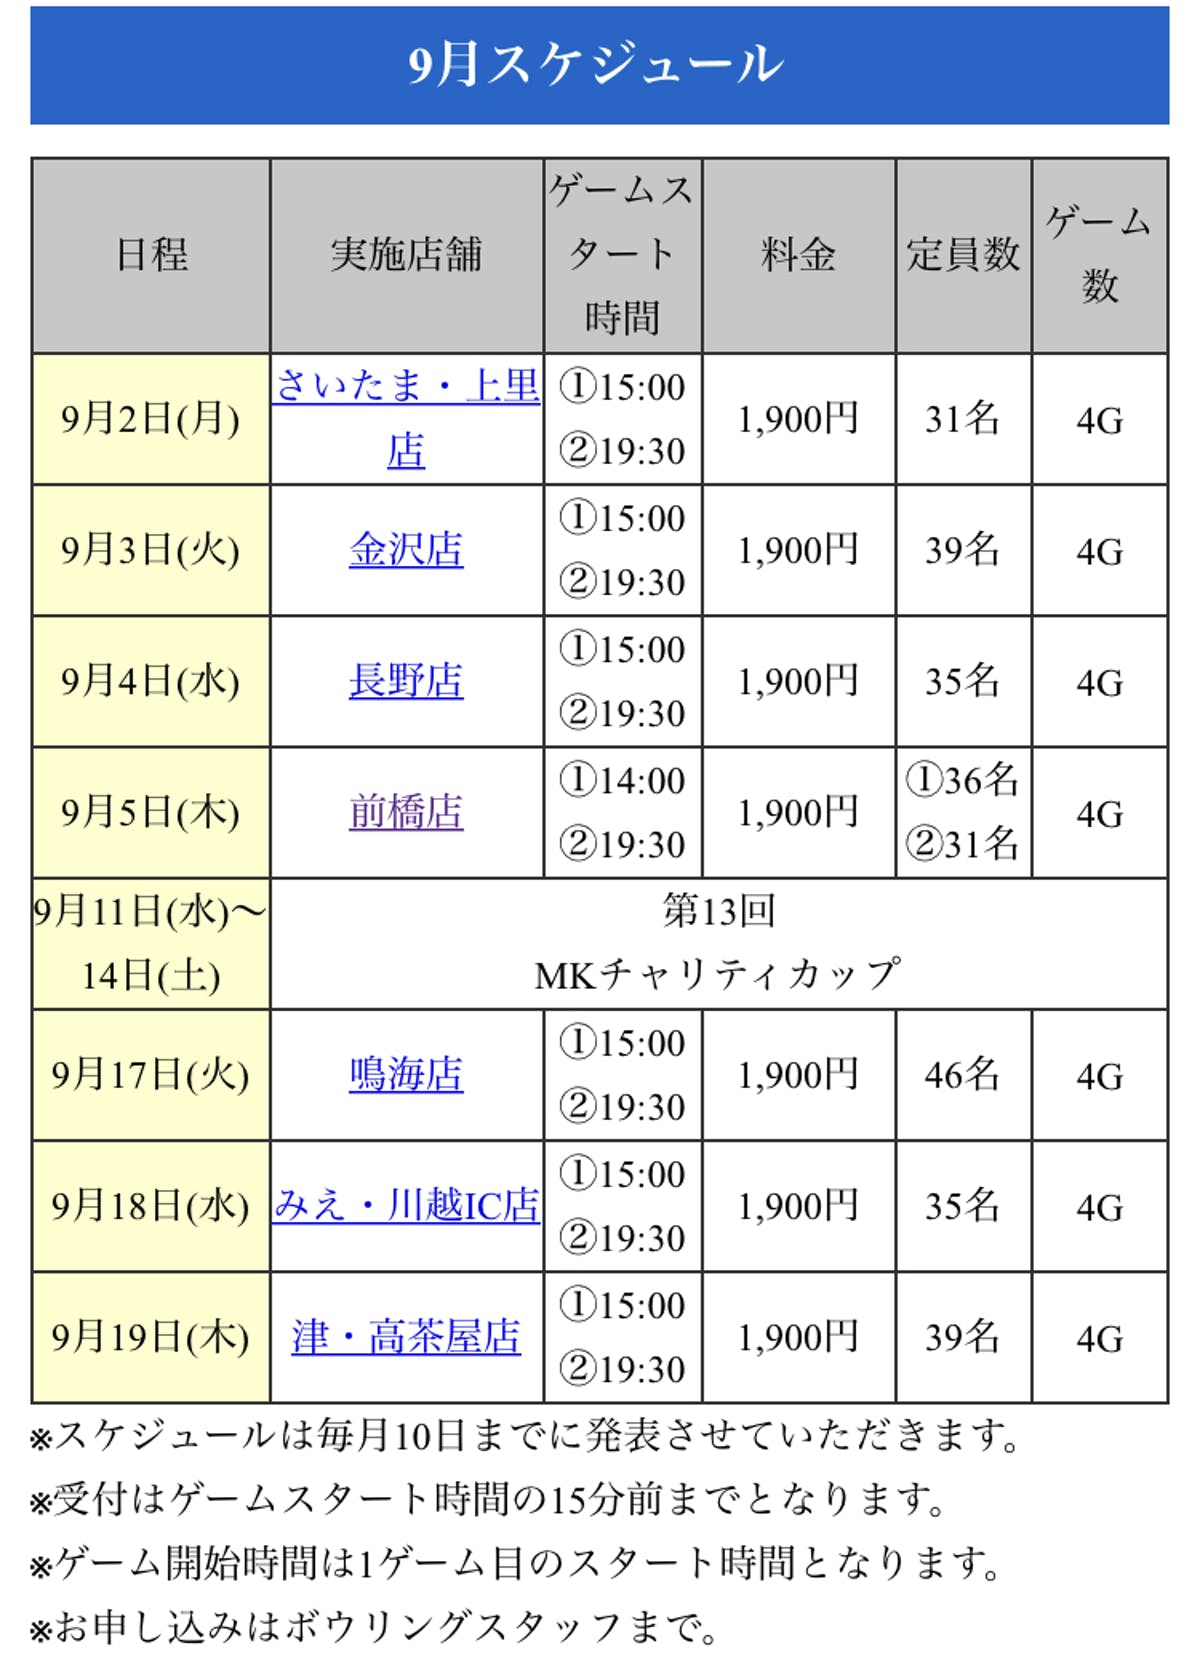 0487490B-E12D-4465-ABDF-322D2A1001B8.jpeg